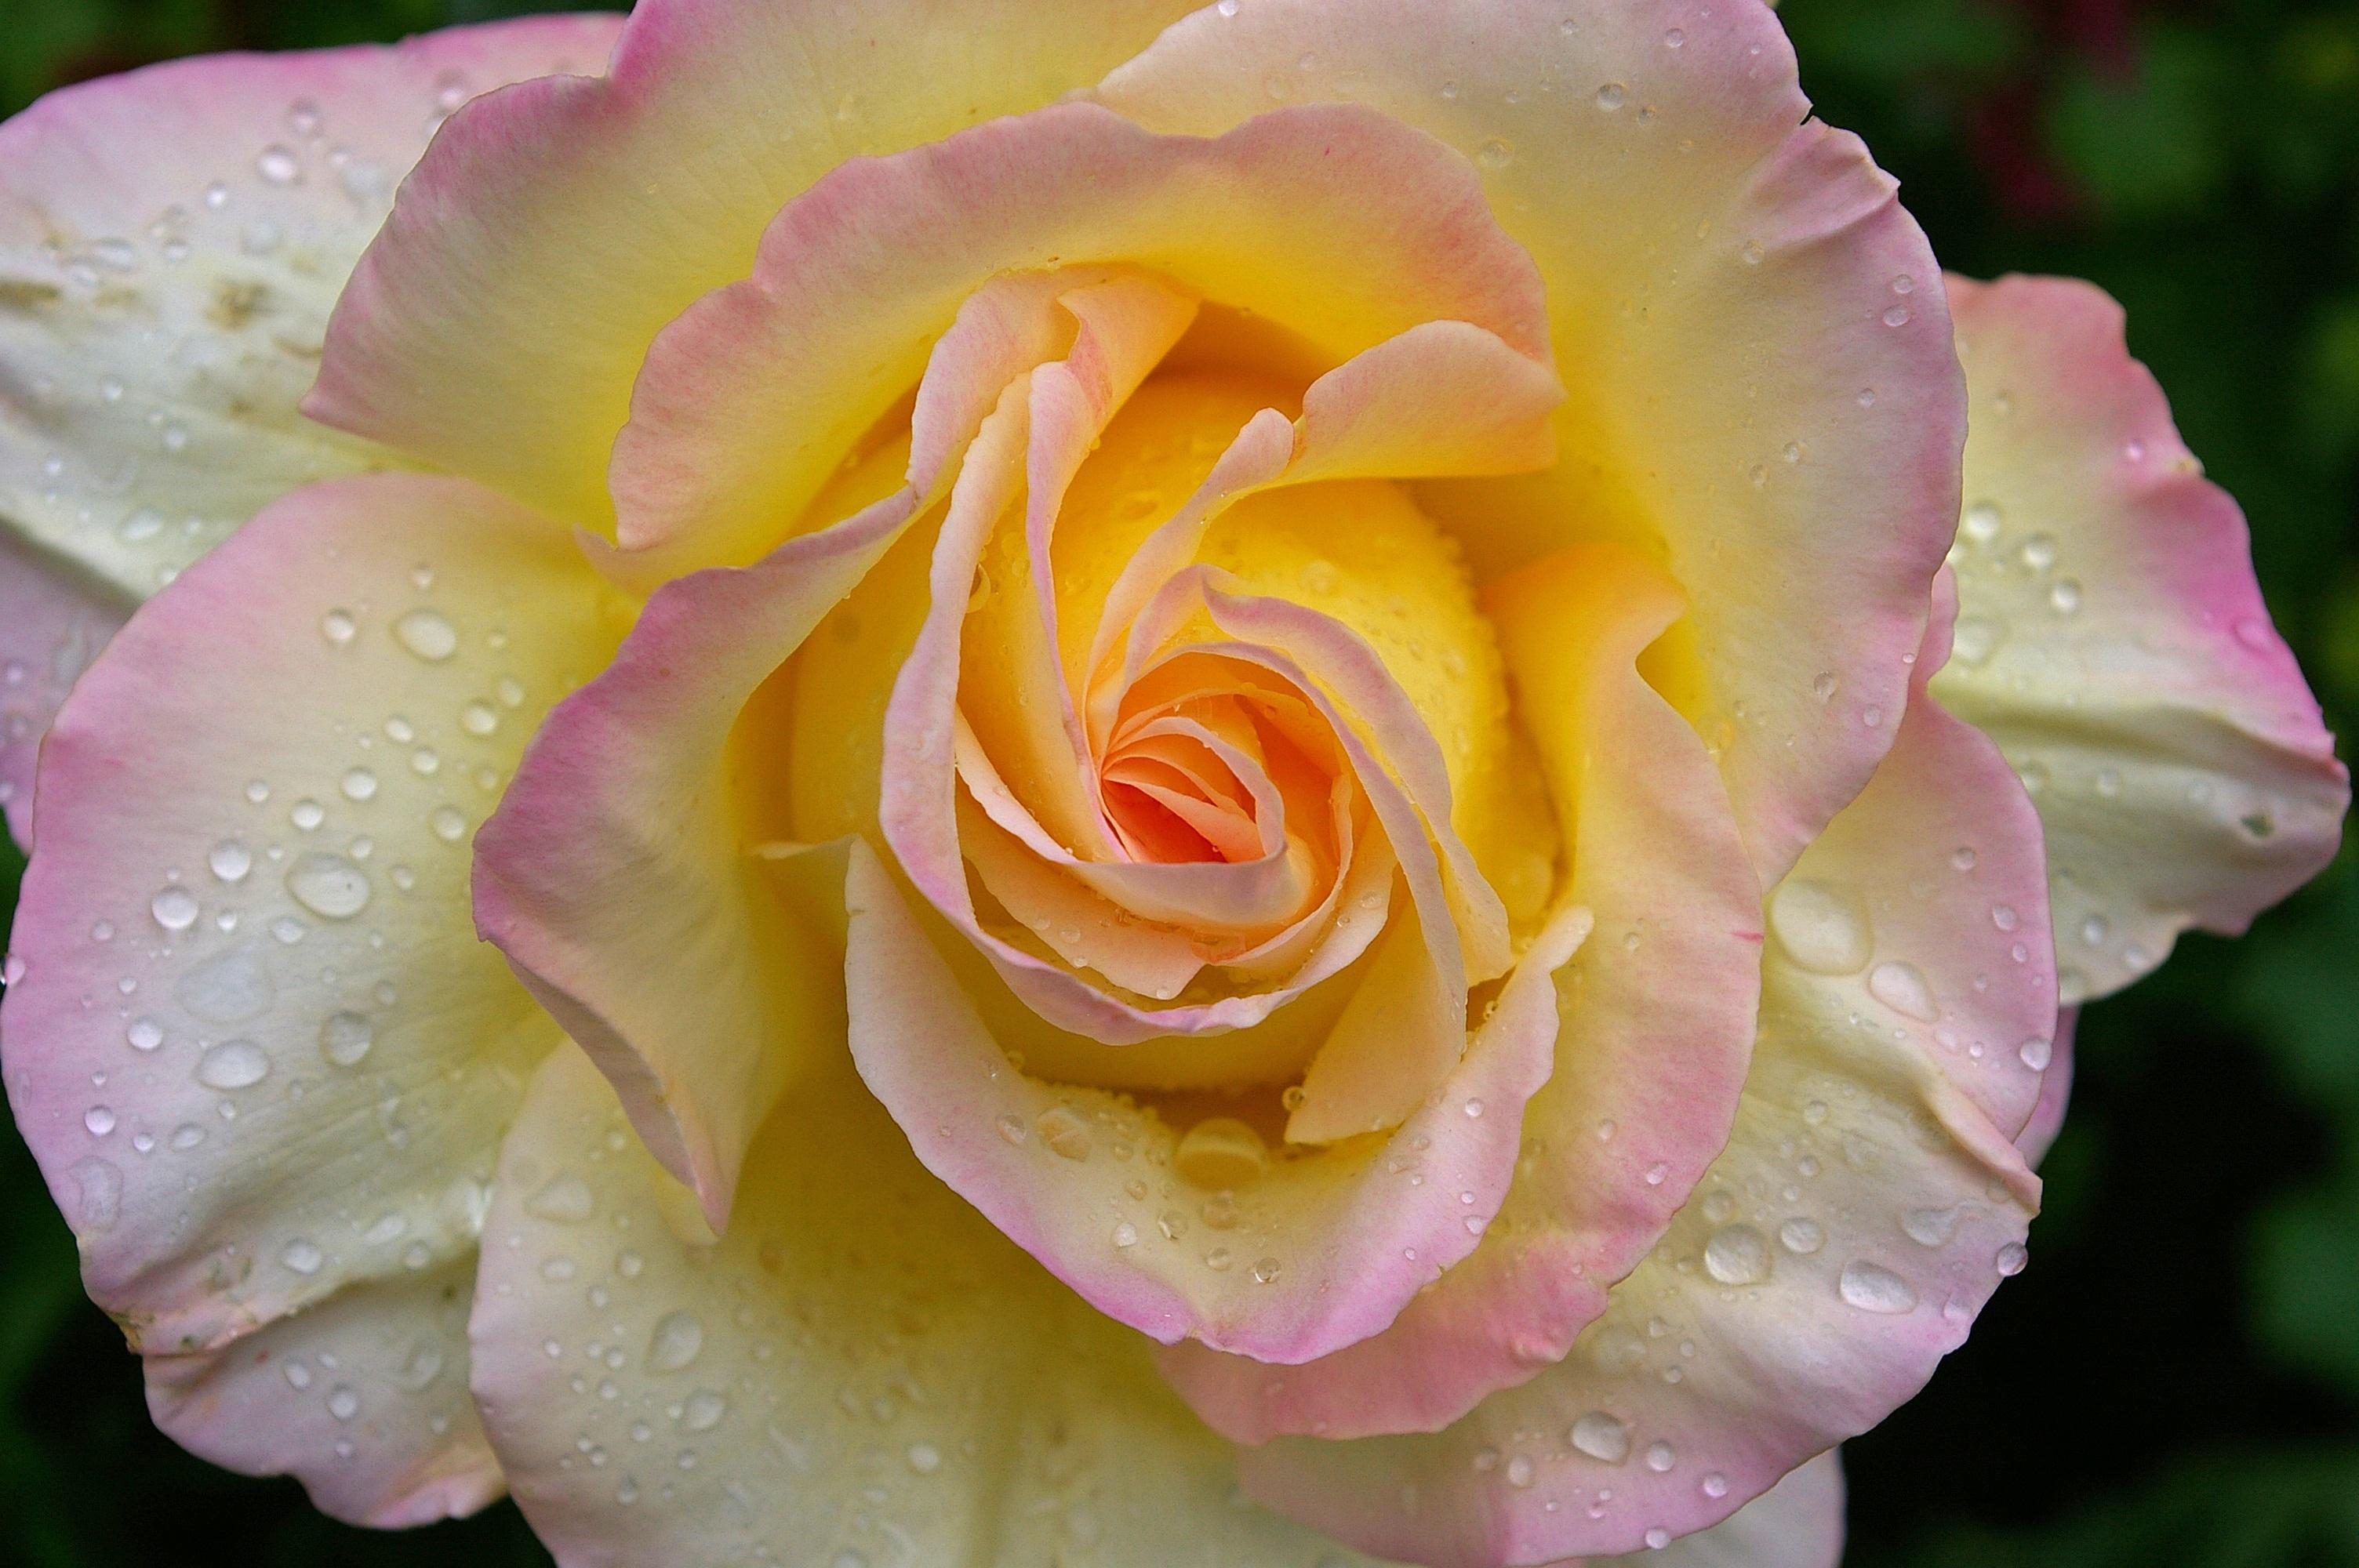 gratis billeder blomst kronblad sommer elsker rose. Black Bedroom Furniture Sets. Home Design Ideas